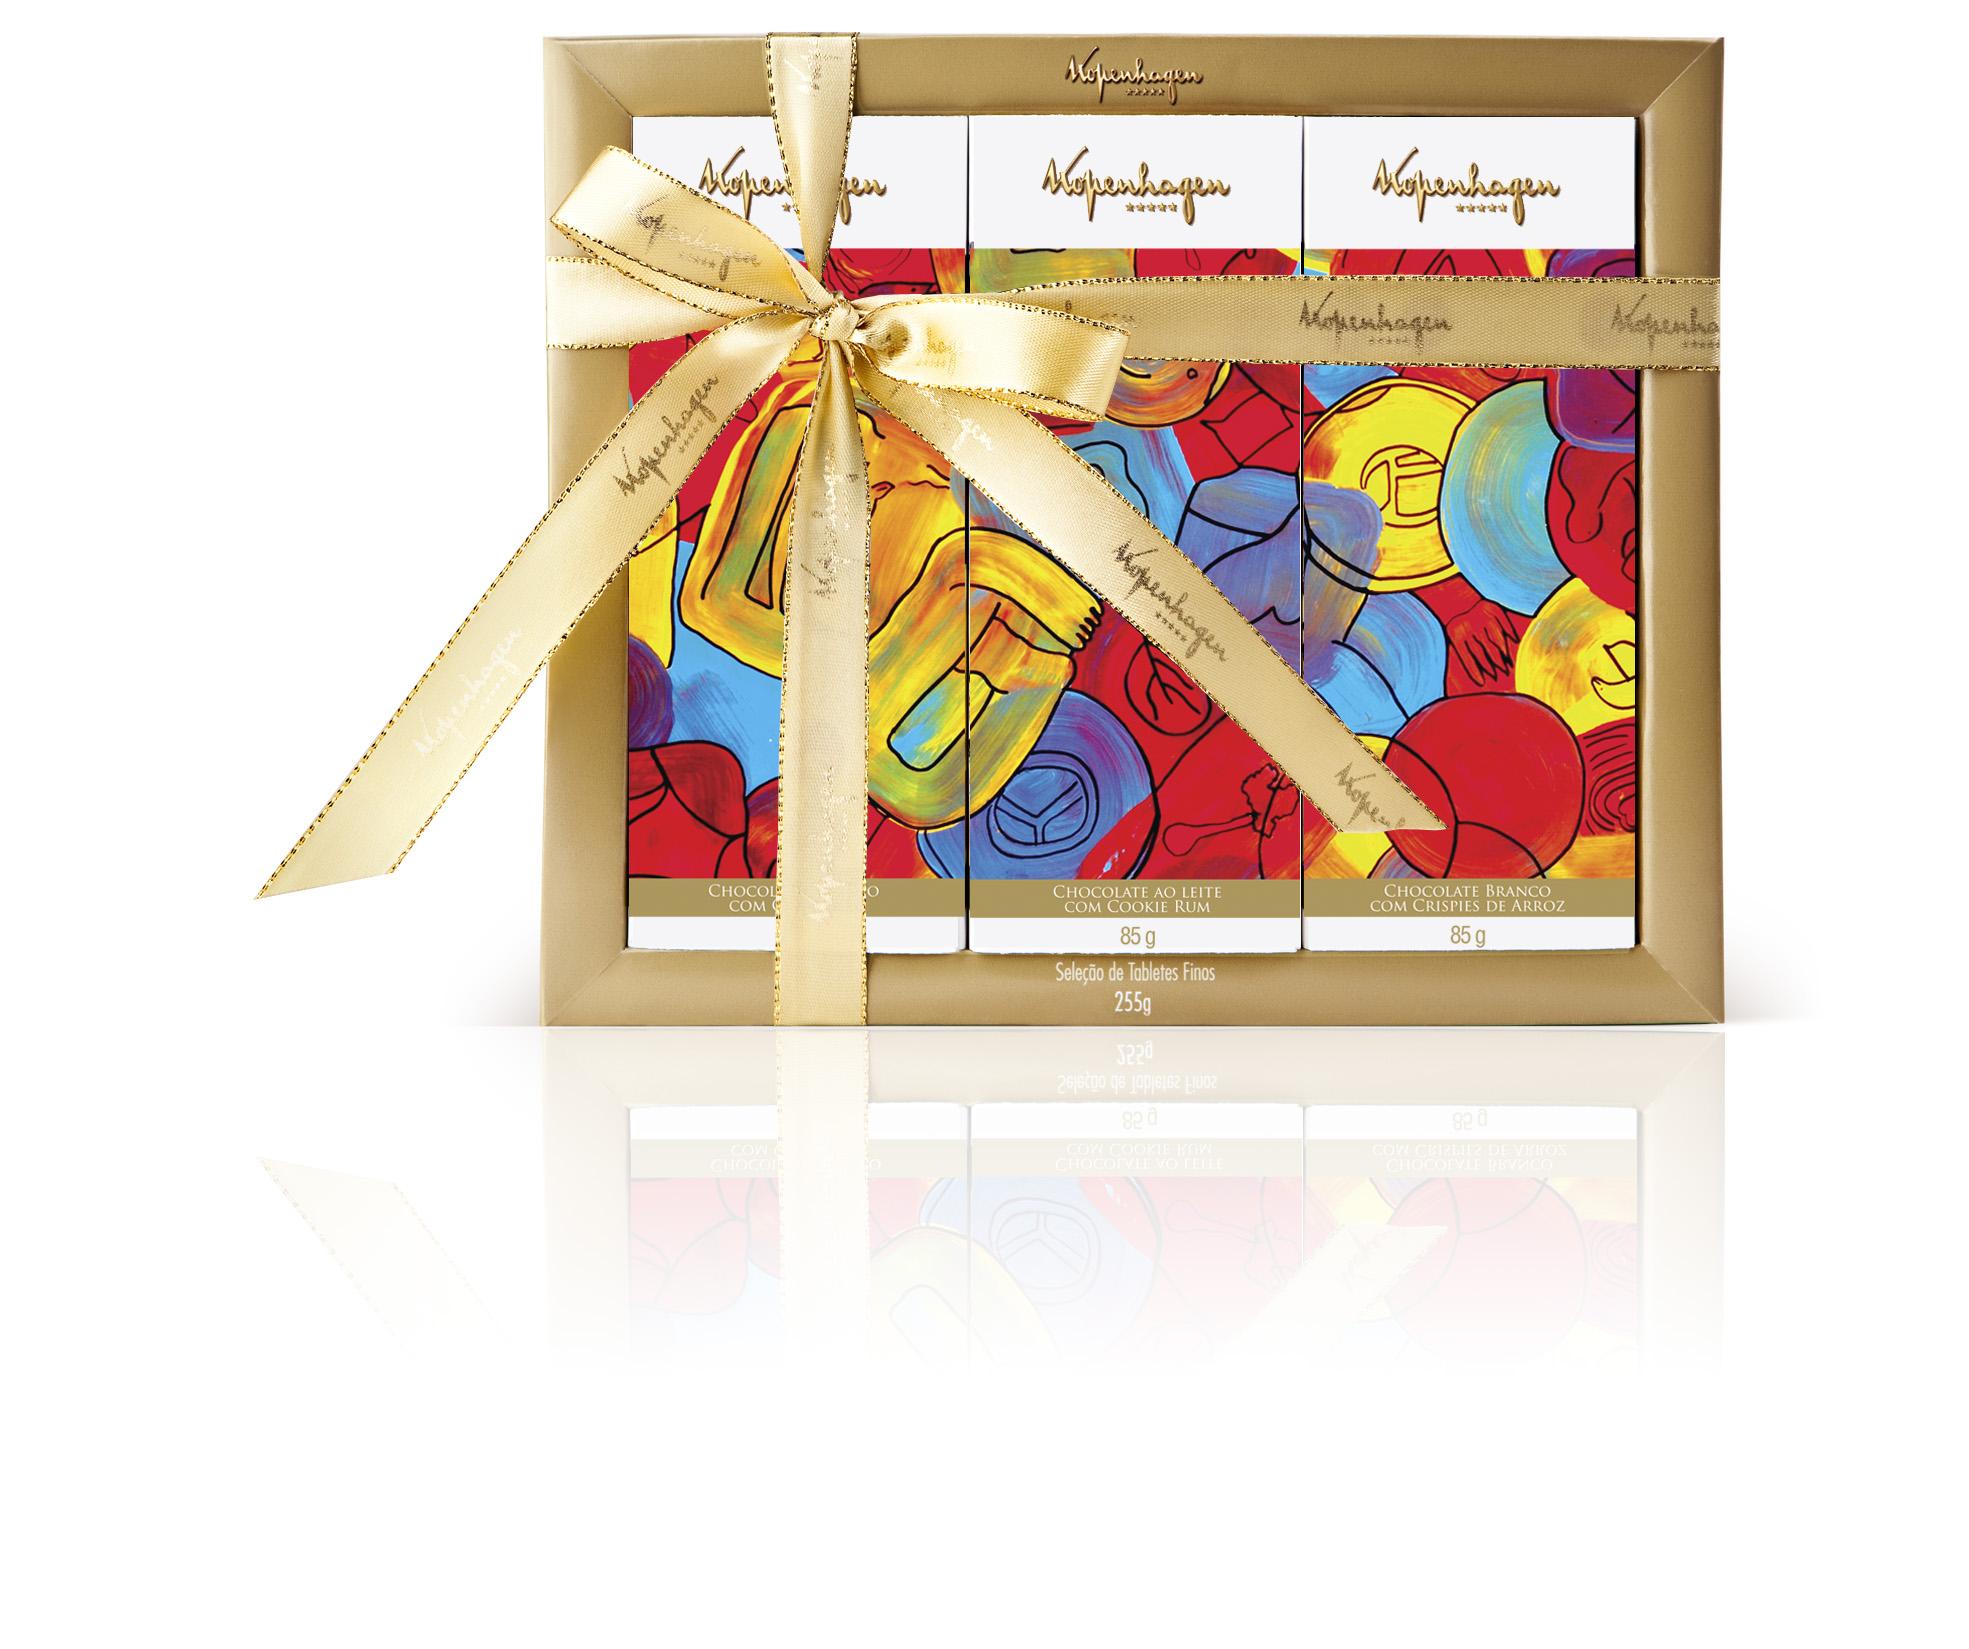 """Caixa de embalagem quadrada com borda dourada e a inscrição """"Kopenhagen"""" contendo três tabletes de chocolate em embalagens estampadas com obra de arte abstrata e colorida. A caixa está envolta por fita dourada e um grande laço."""